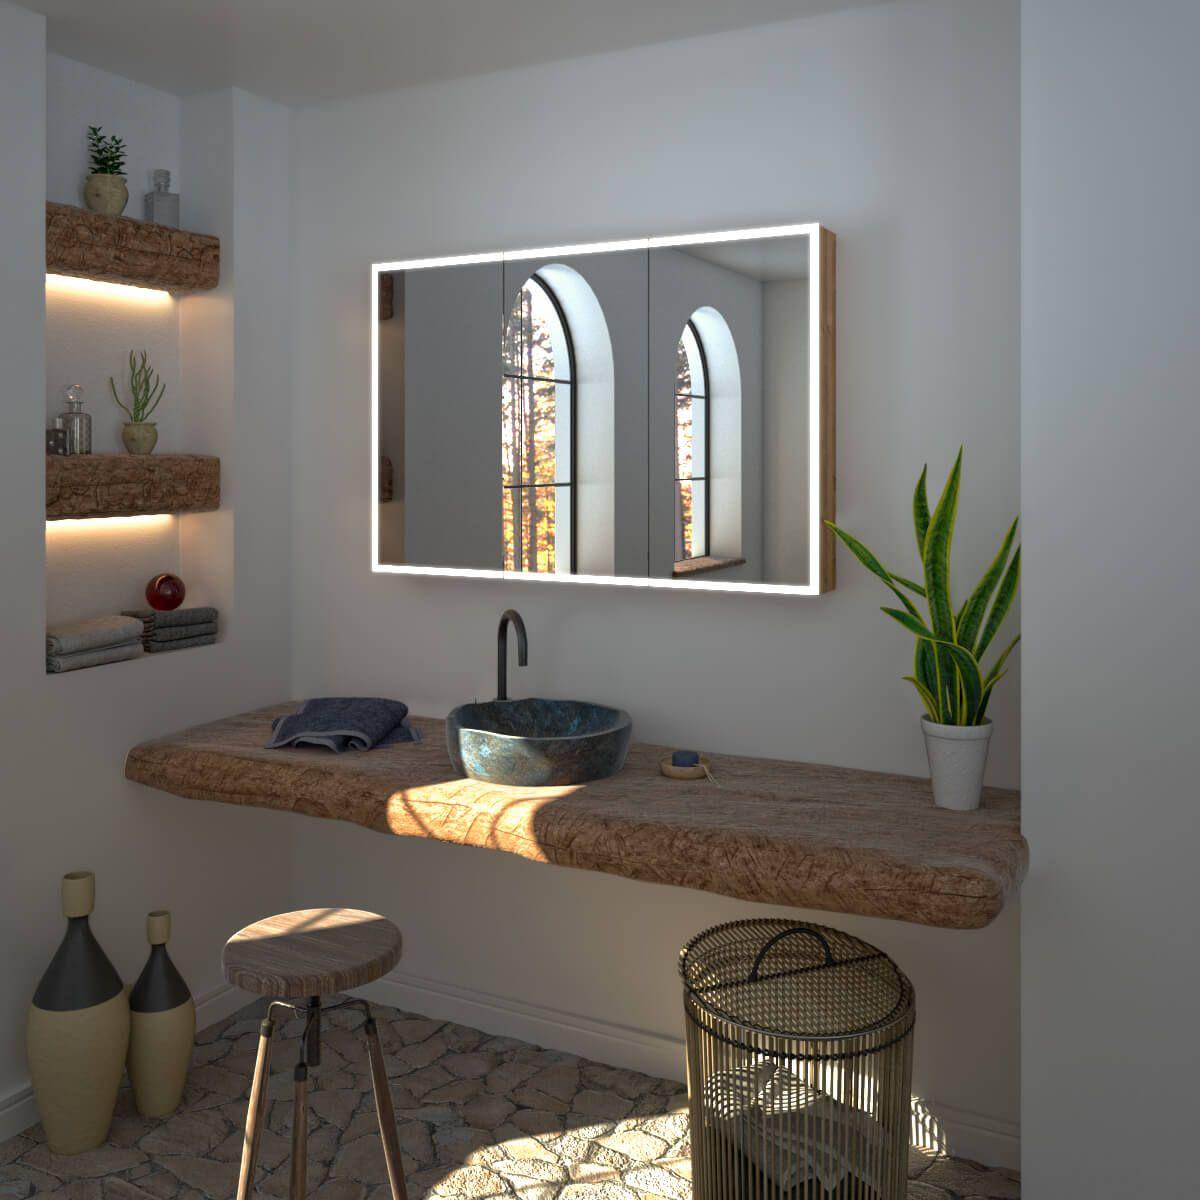 Spiegelschrank nach Maß mit LED Credo Spiegelschrank bad